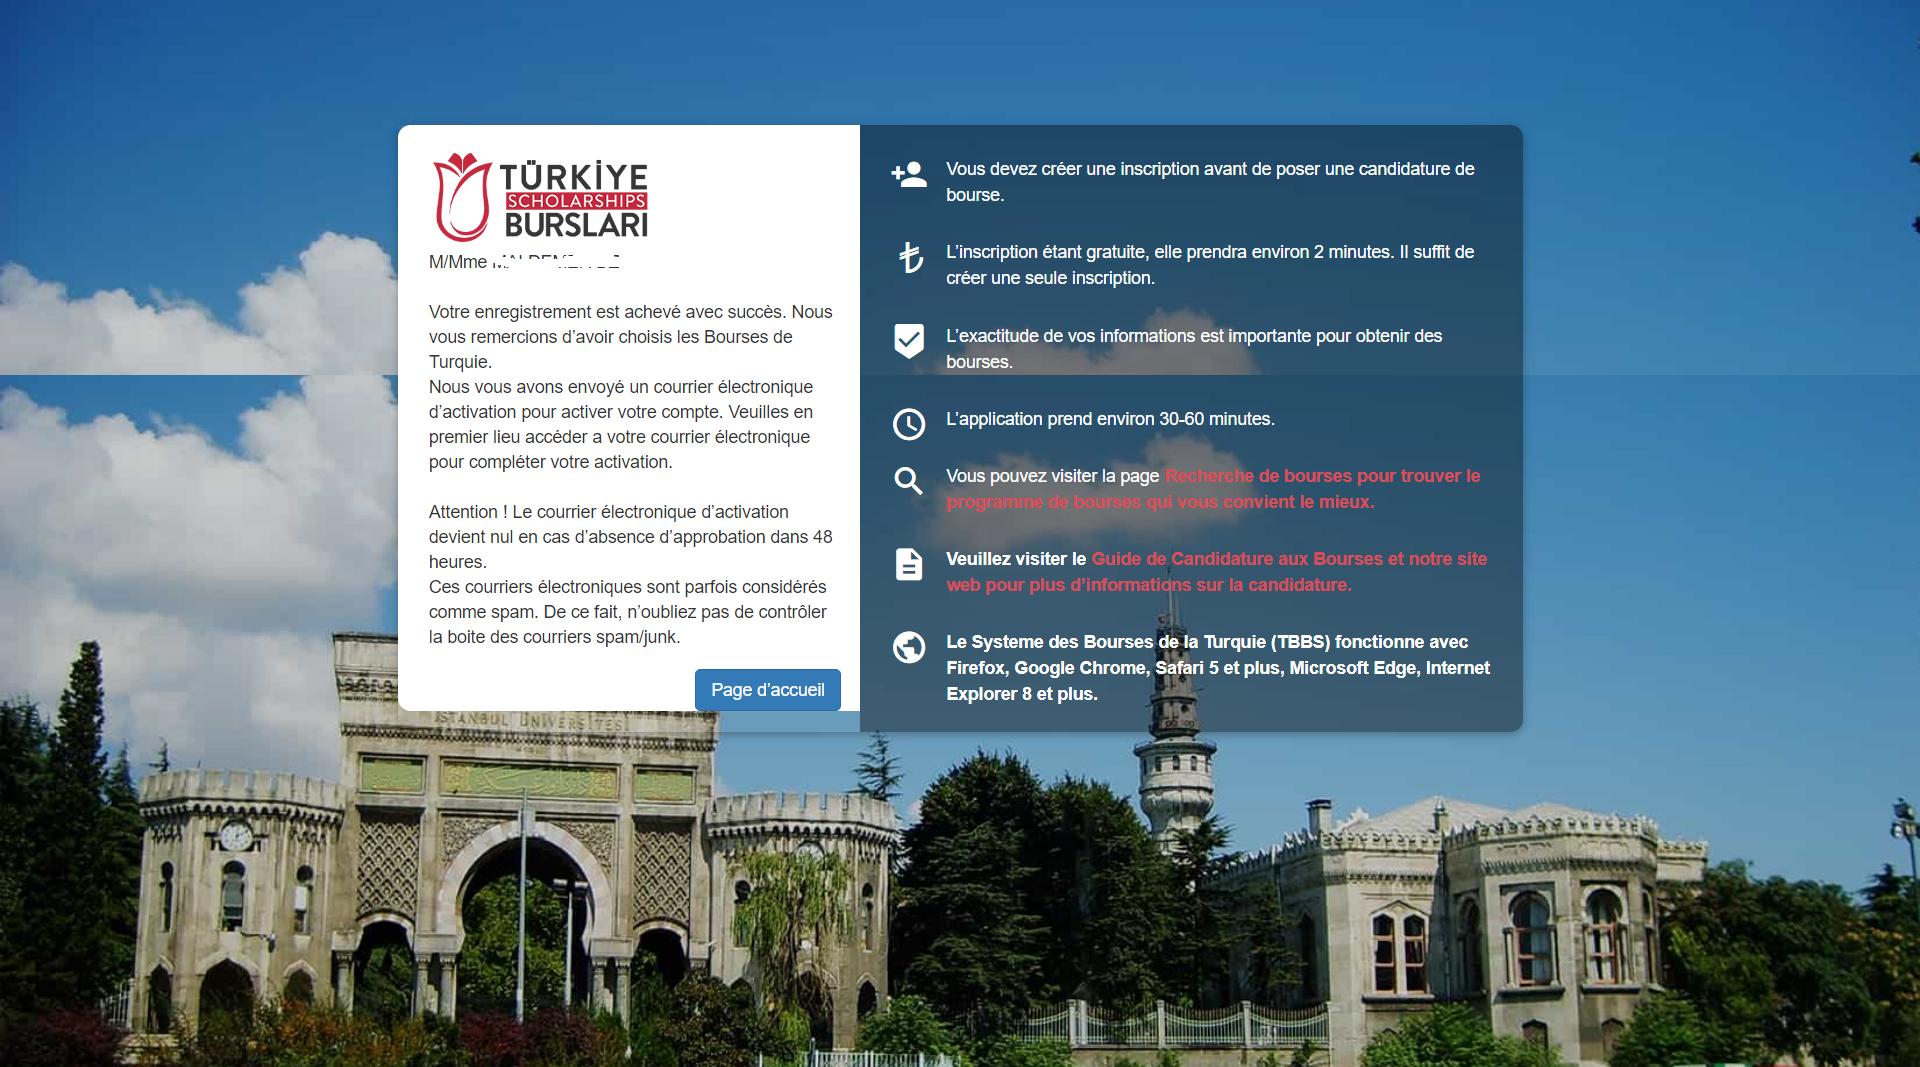 نهاية خطوات التسجيل في موقع الرسمي للمنحة الدراسية التركية 3